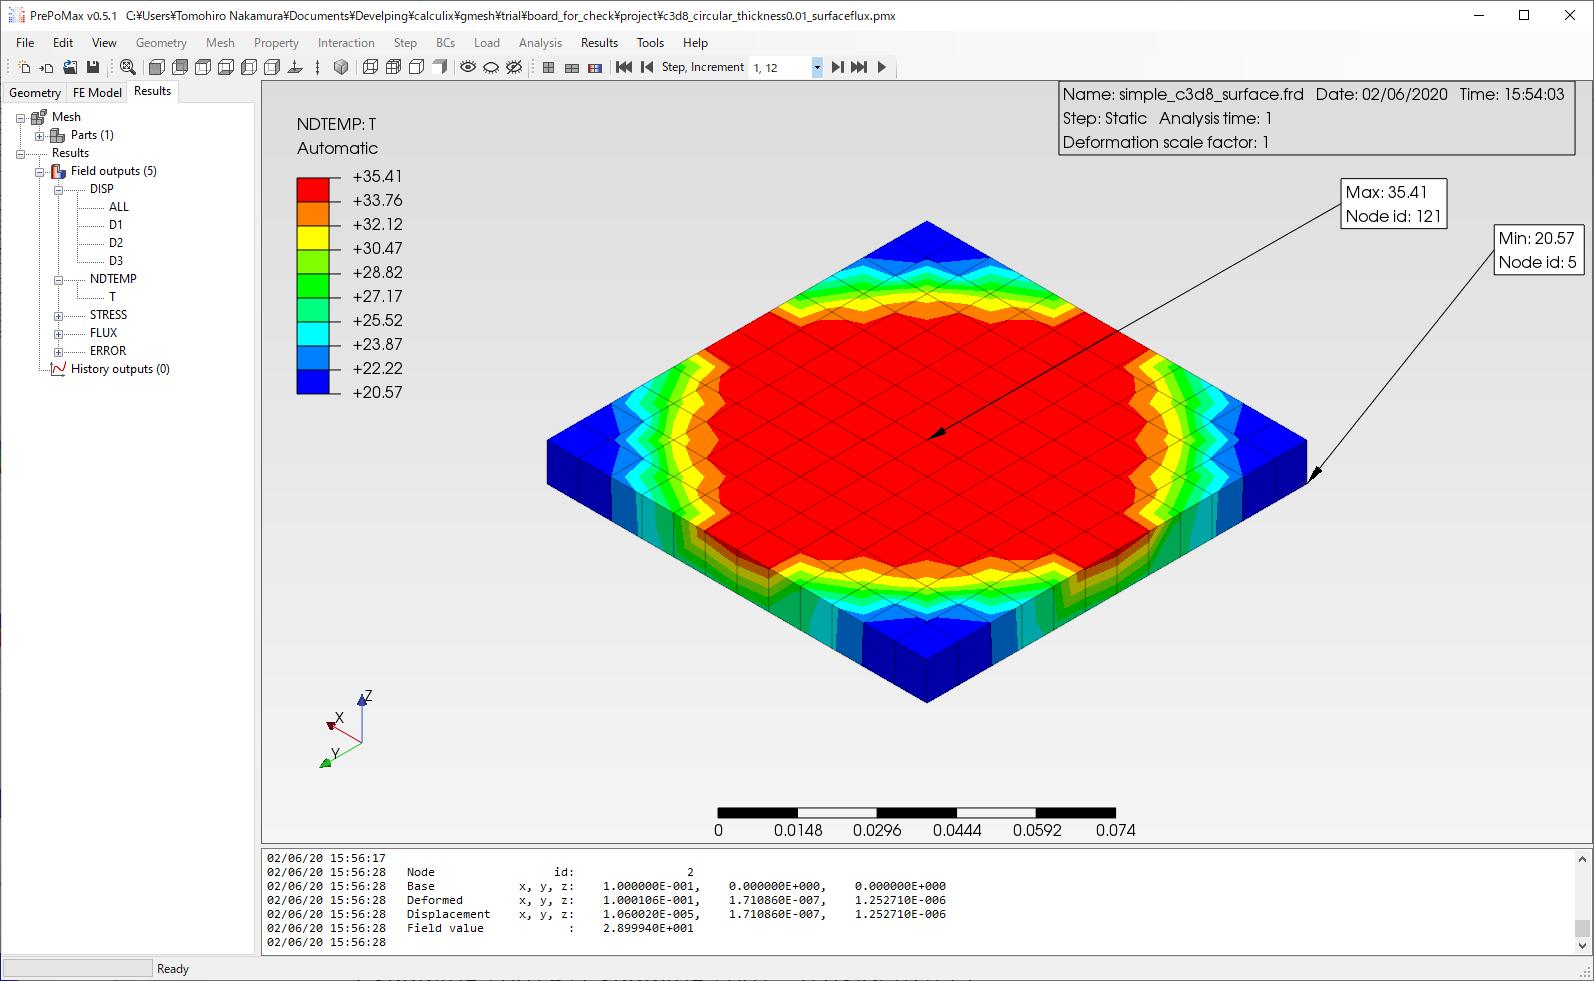 体積発熱機能(*dflux – BF)_CulculiX_温度分布